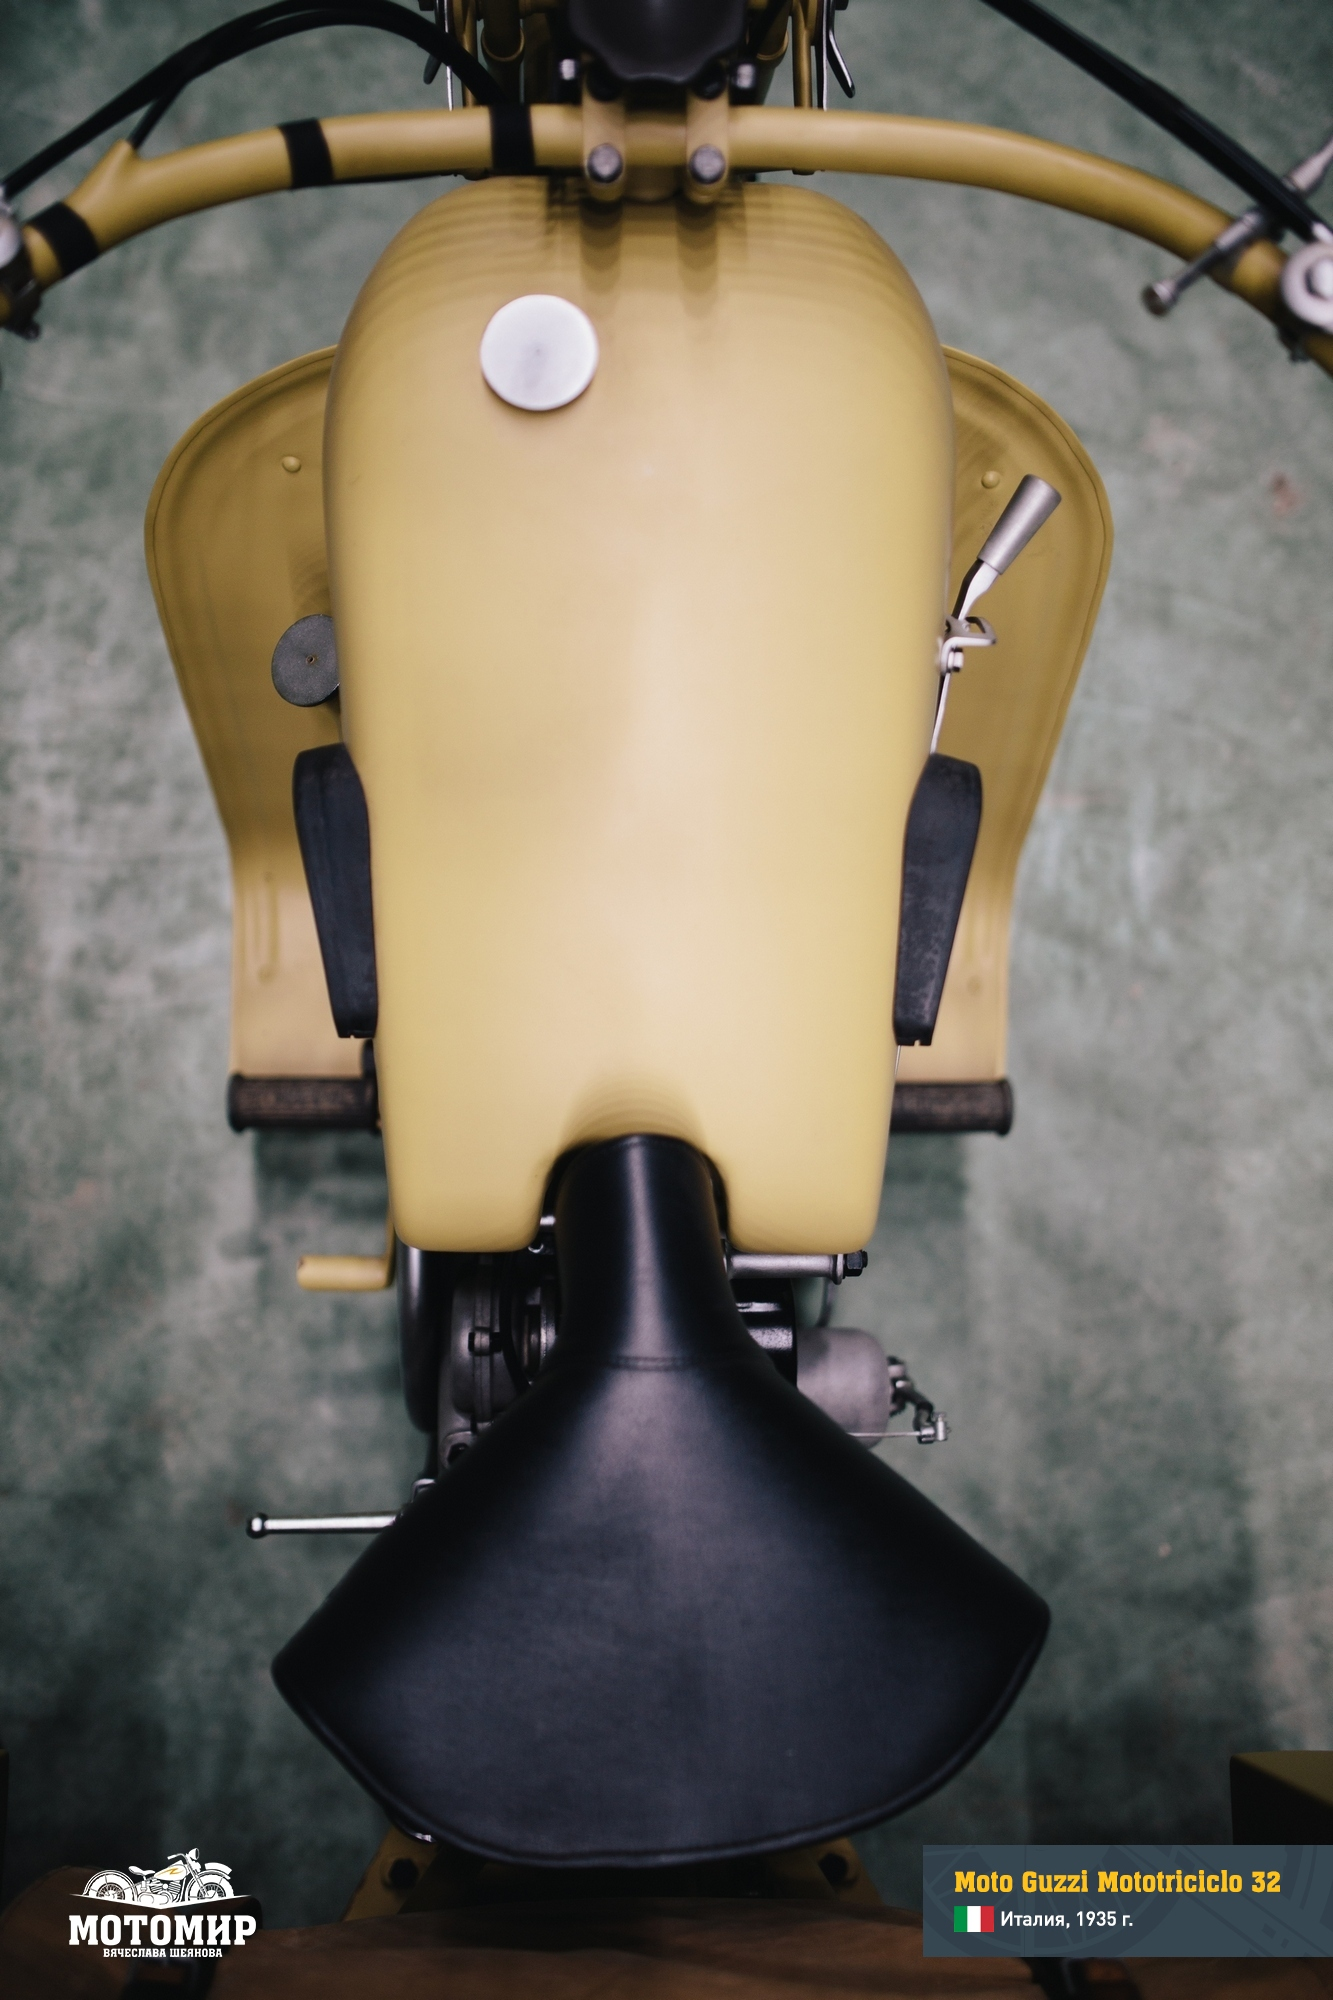 moto-guzzi-mototriciclo-32-web-20